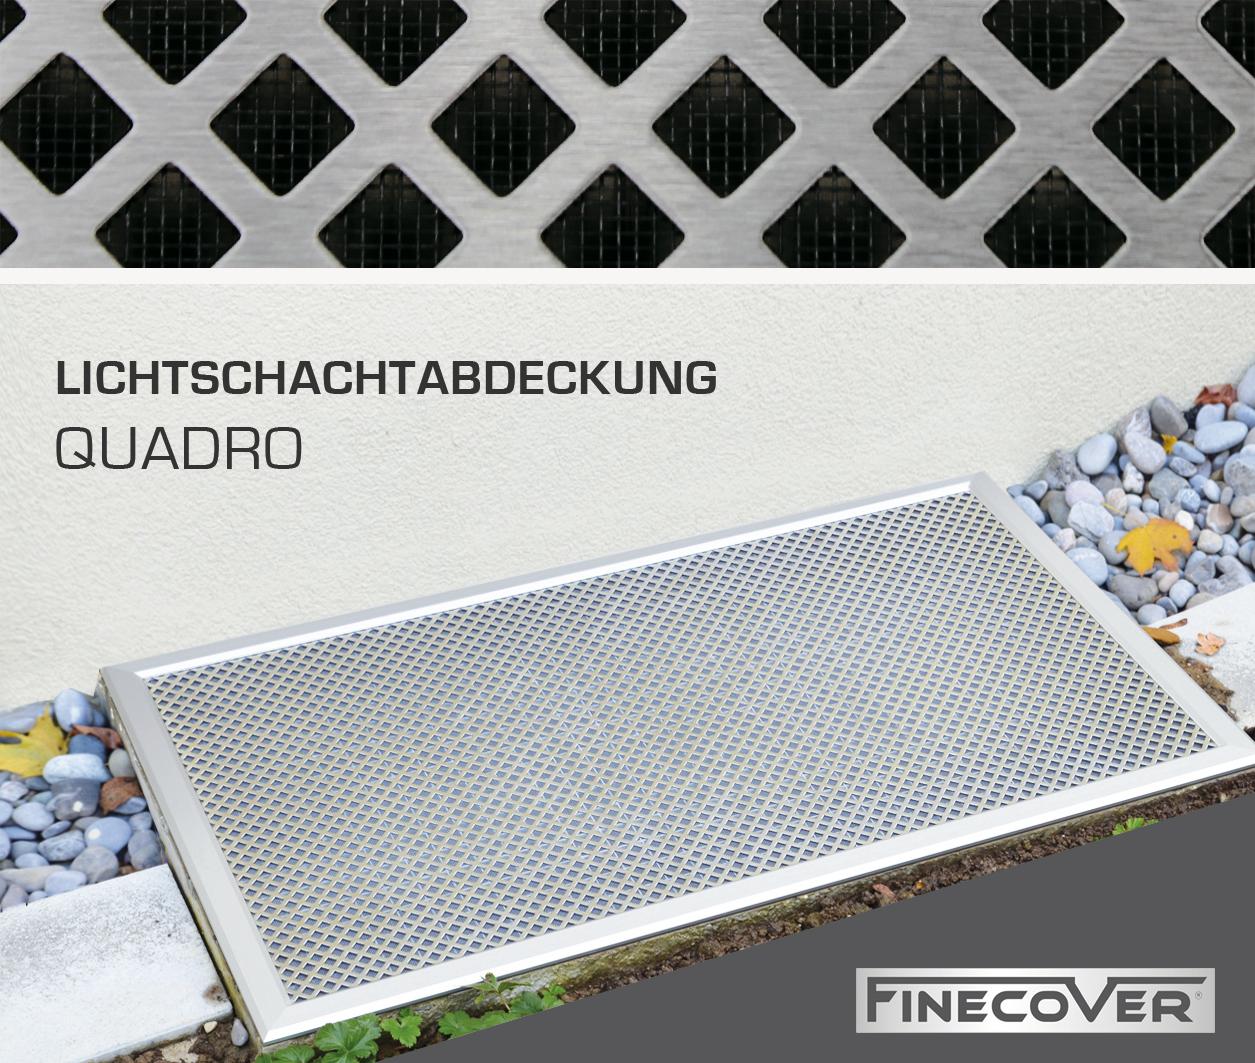 Extrem Lichtschachtabdeckung - Kellerschachtabdeckung - Jetzt bestellen! NF41